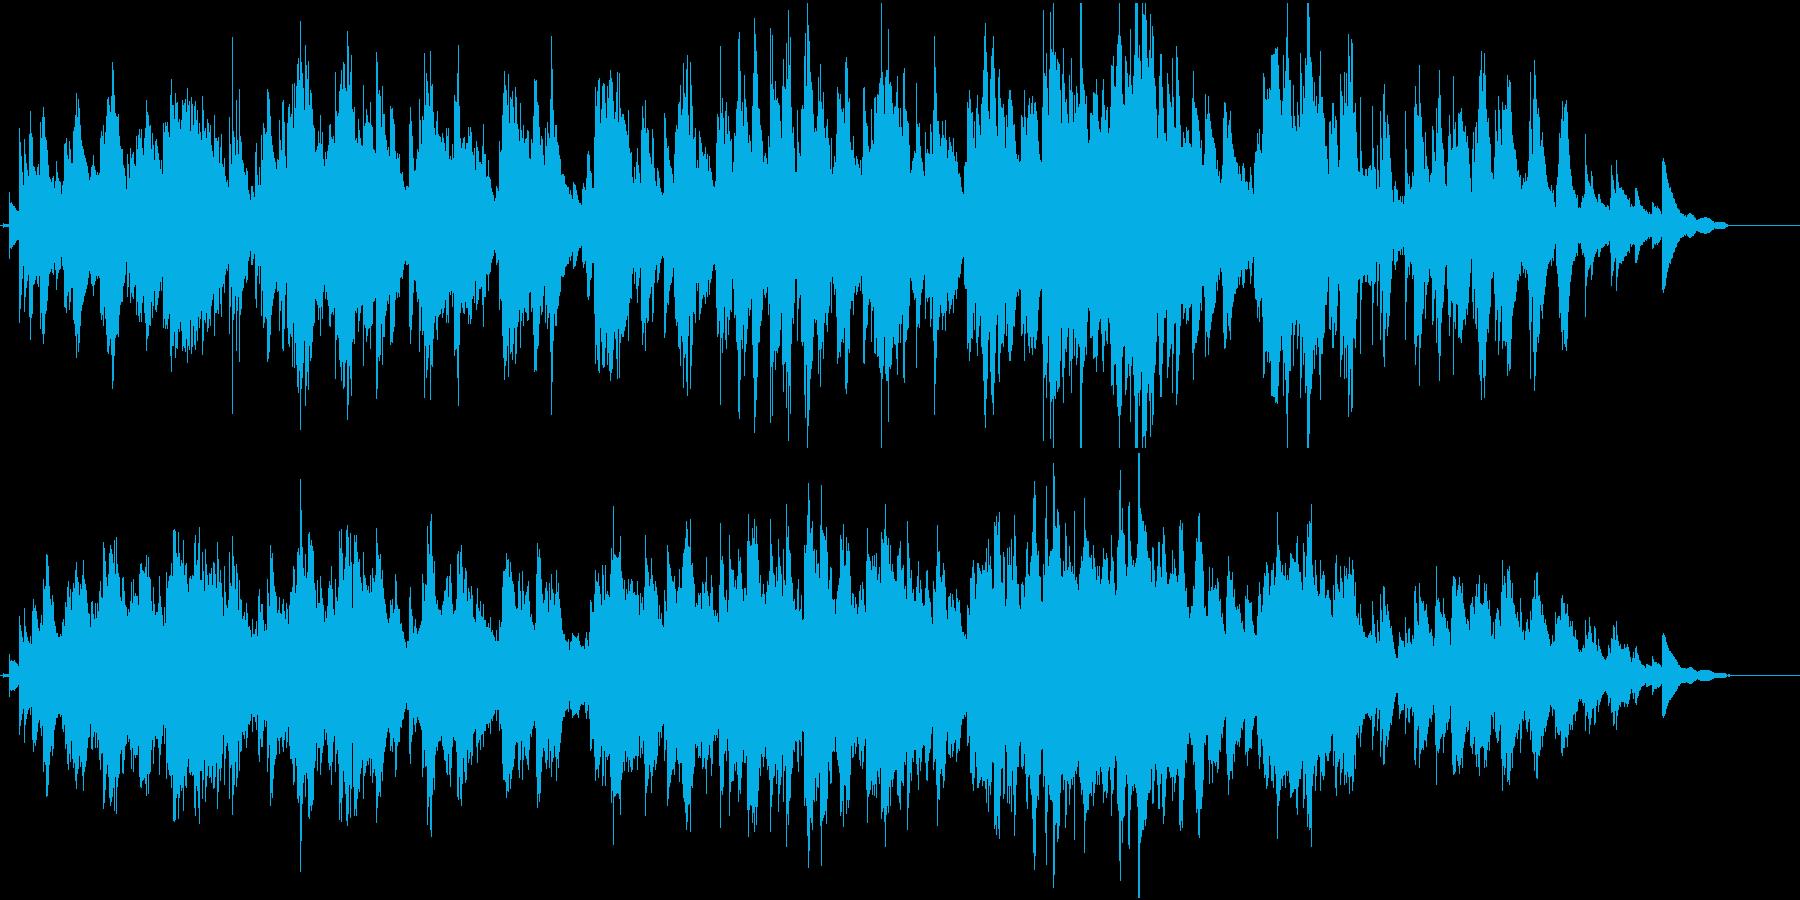 廃墟をイメージしたピアノ曲の再生済みの波形